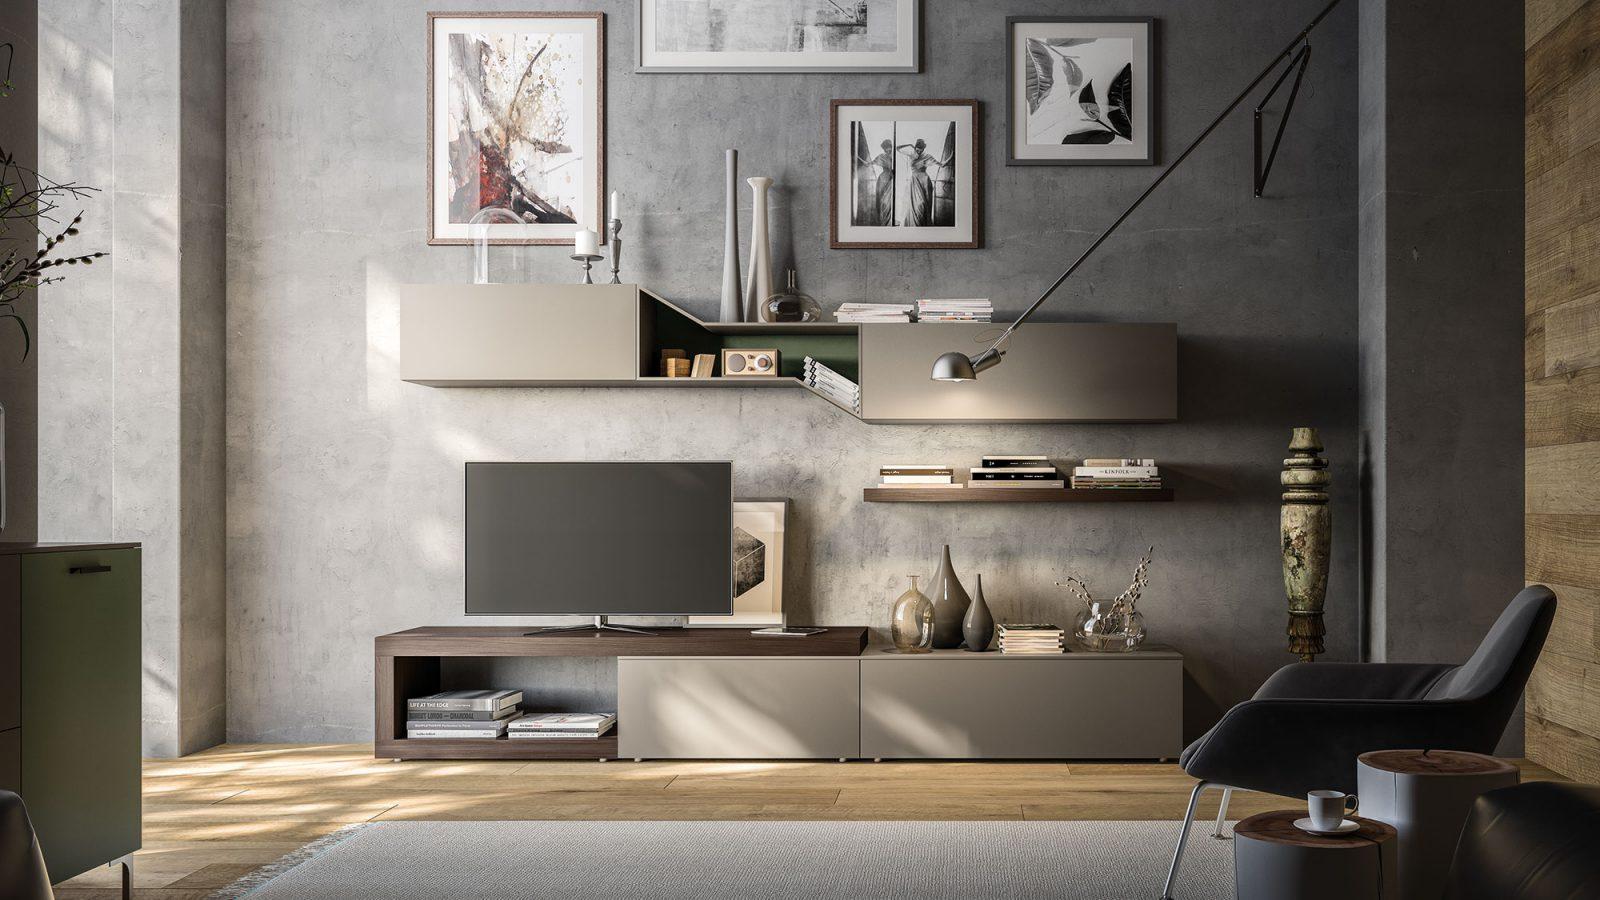 orme-arredamento-soggiorno-light-day-14-0-1600x900